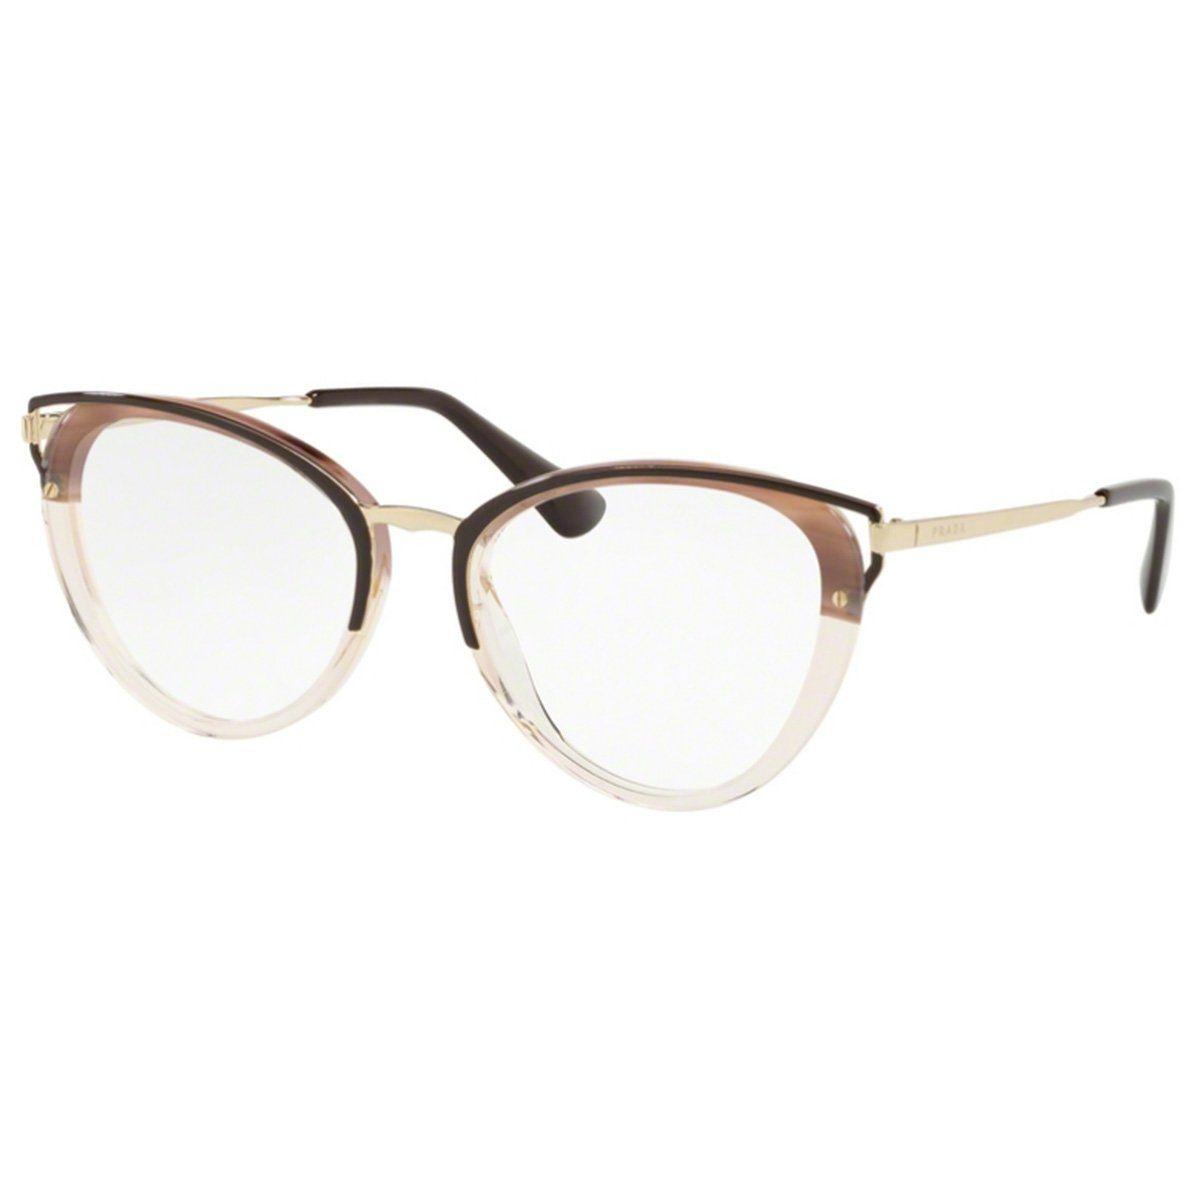 6c945b7eed18f Armação Óculos de Grau Feminino Prada VPR53U MRU-101 - Omega Ótica e ...